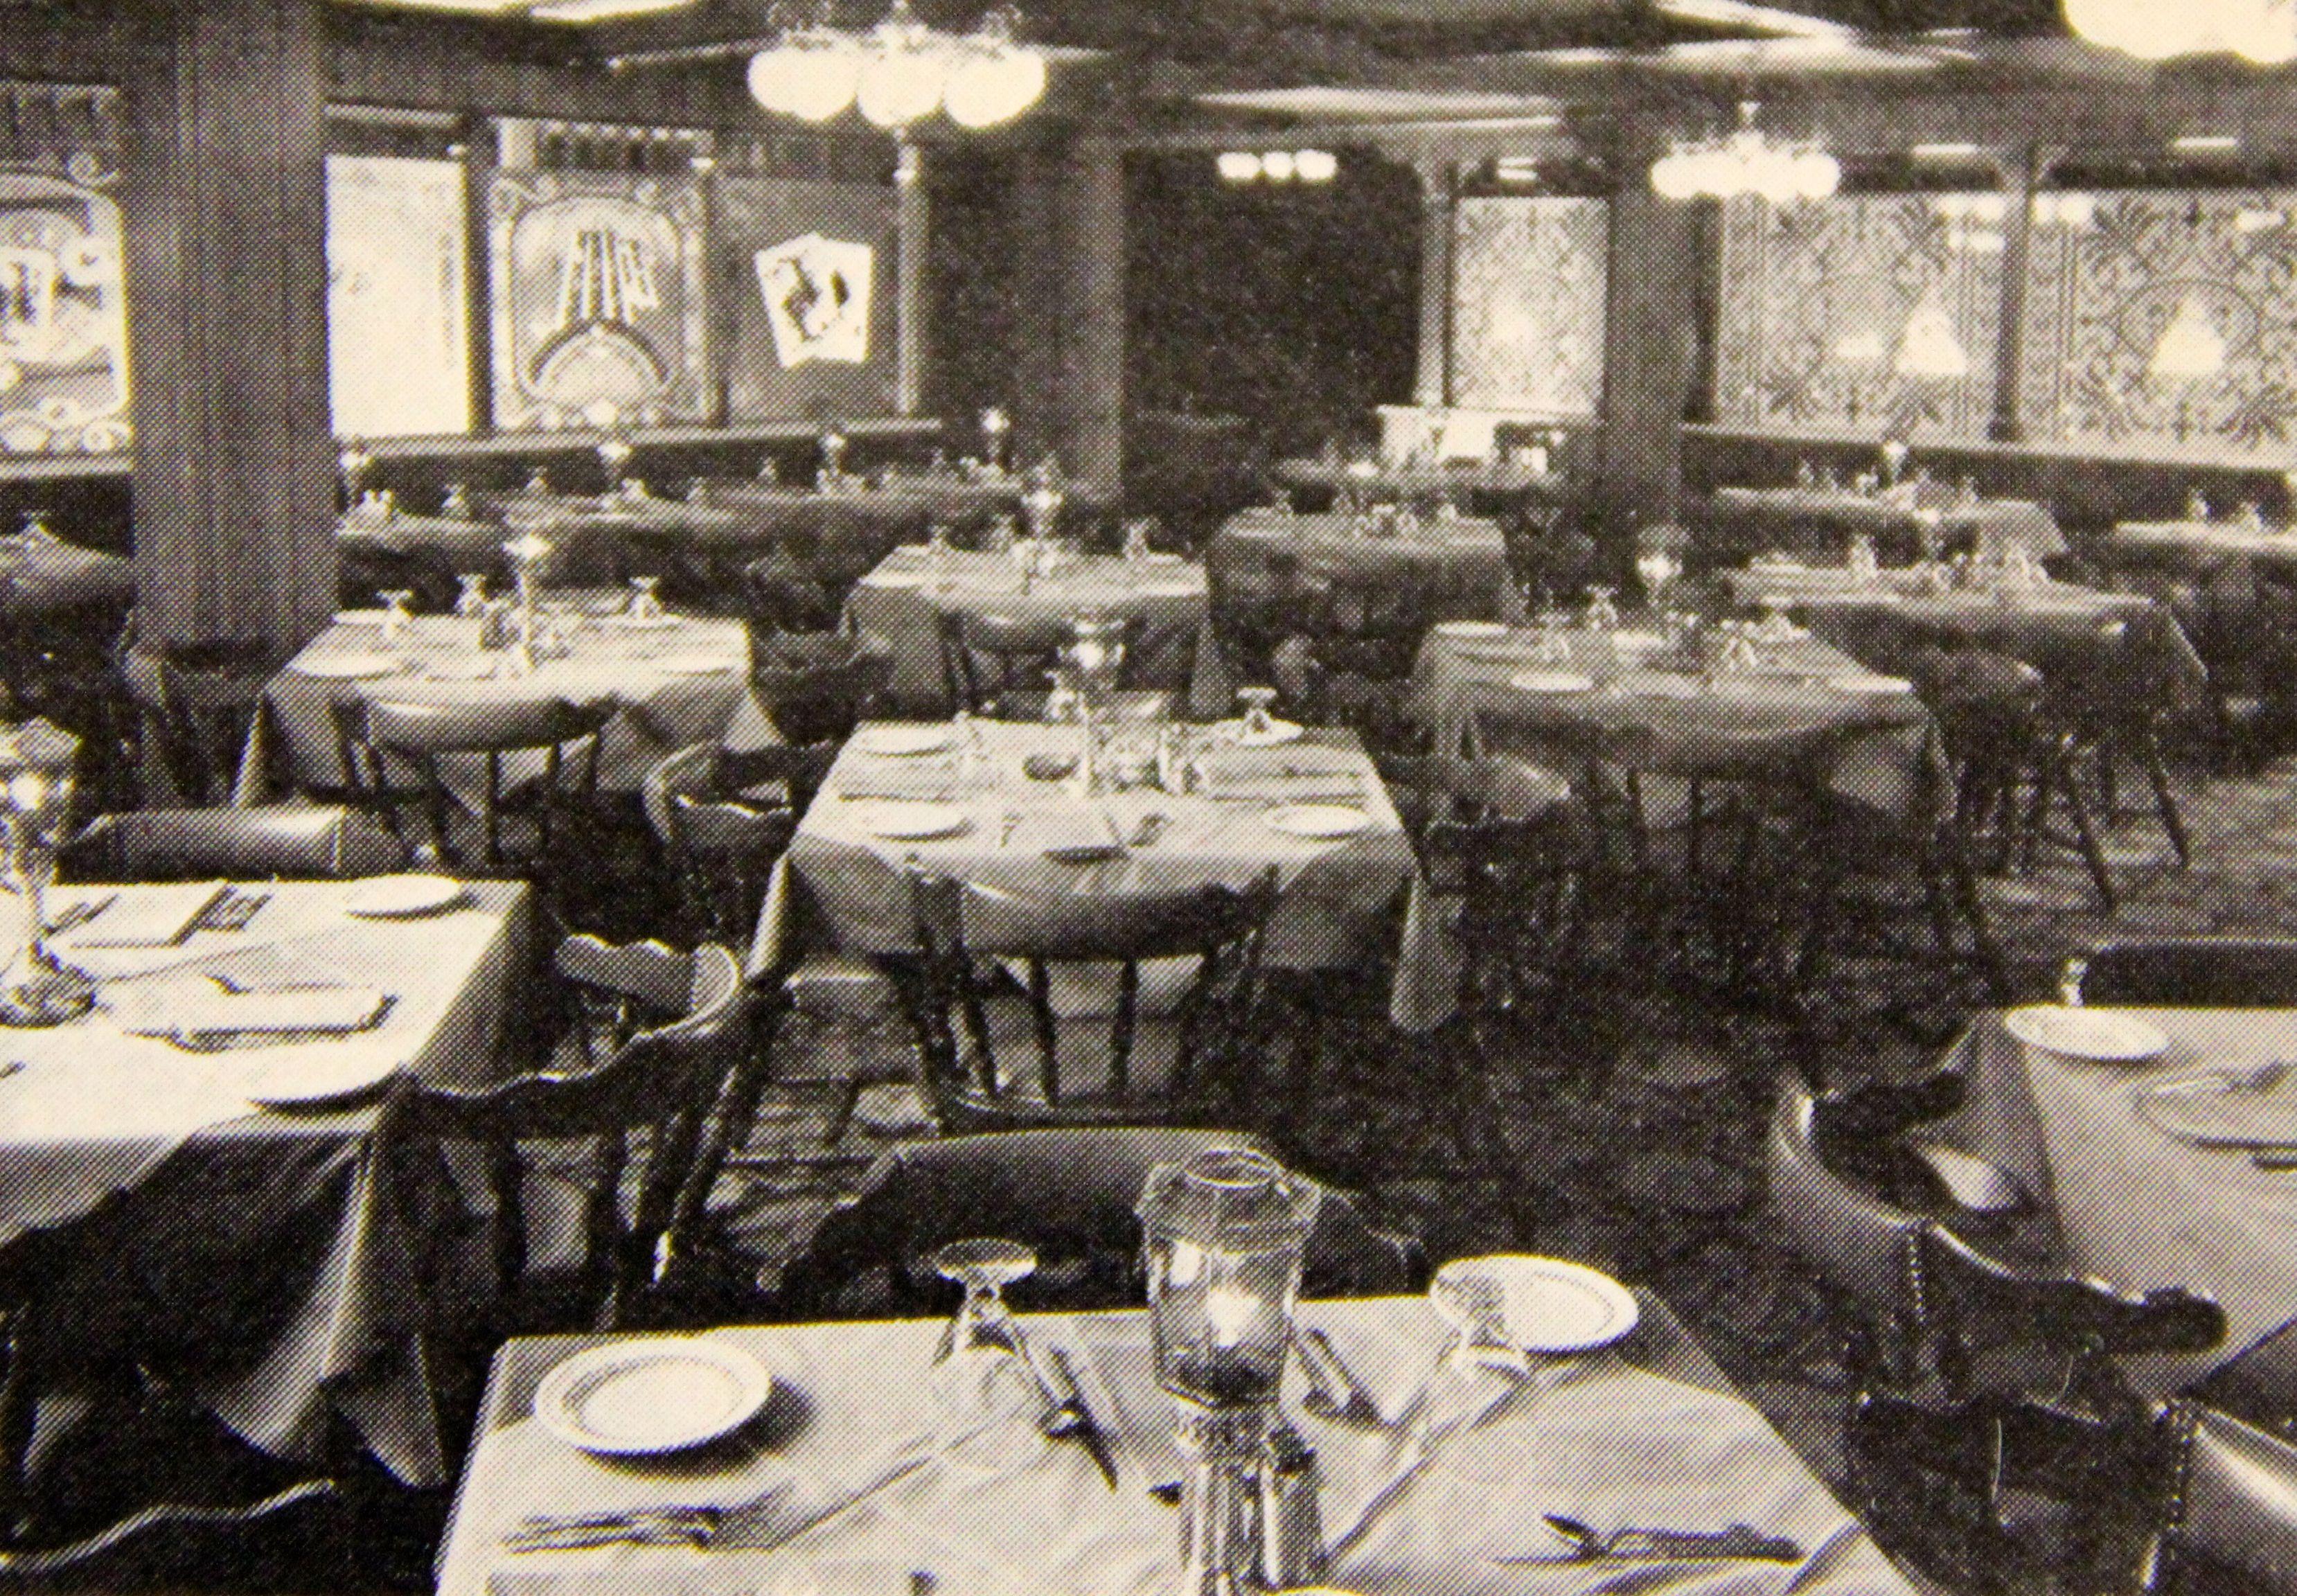 boss tweed restaurant in linden nj photo from1979